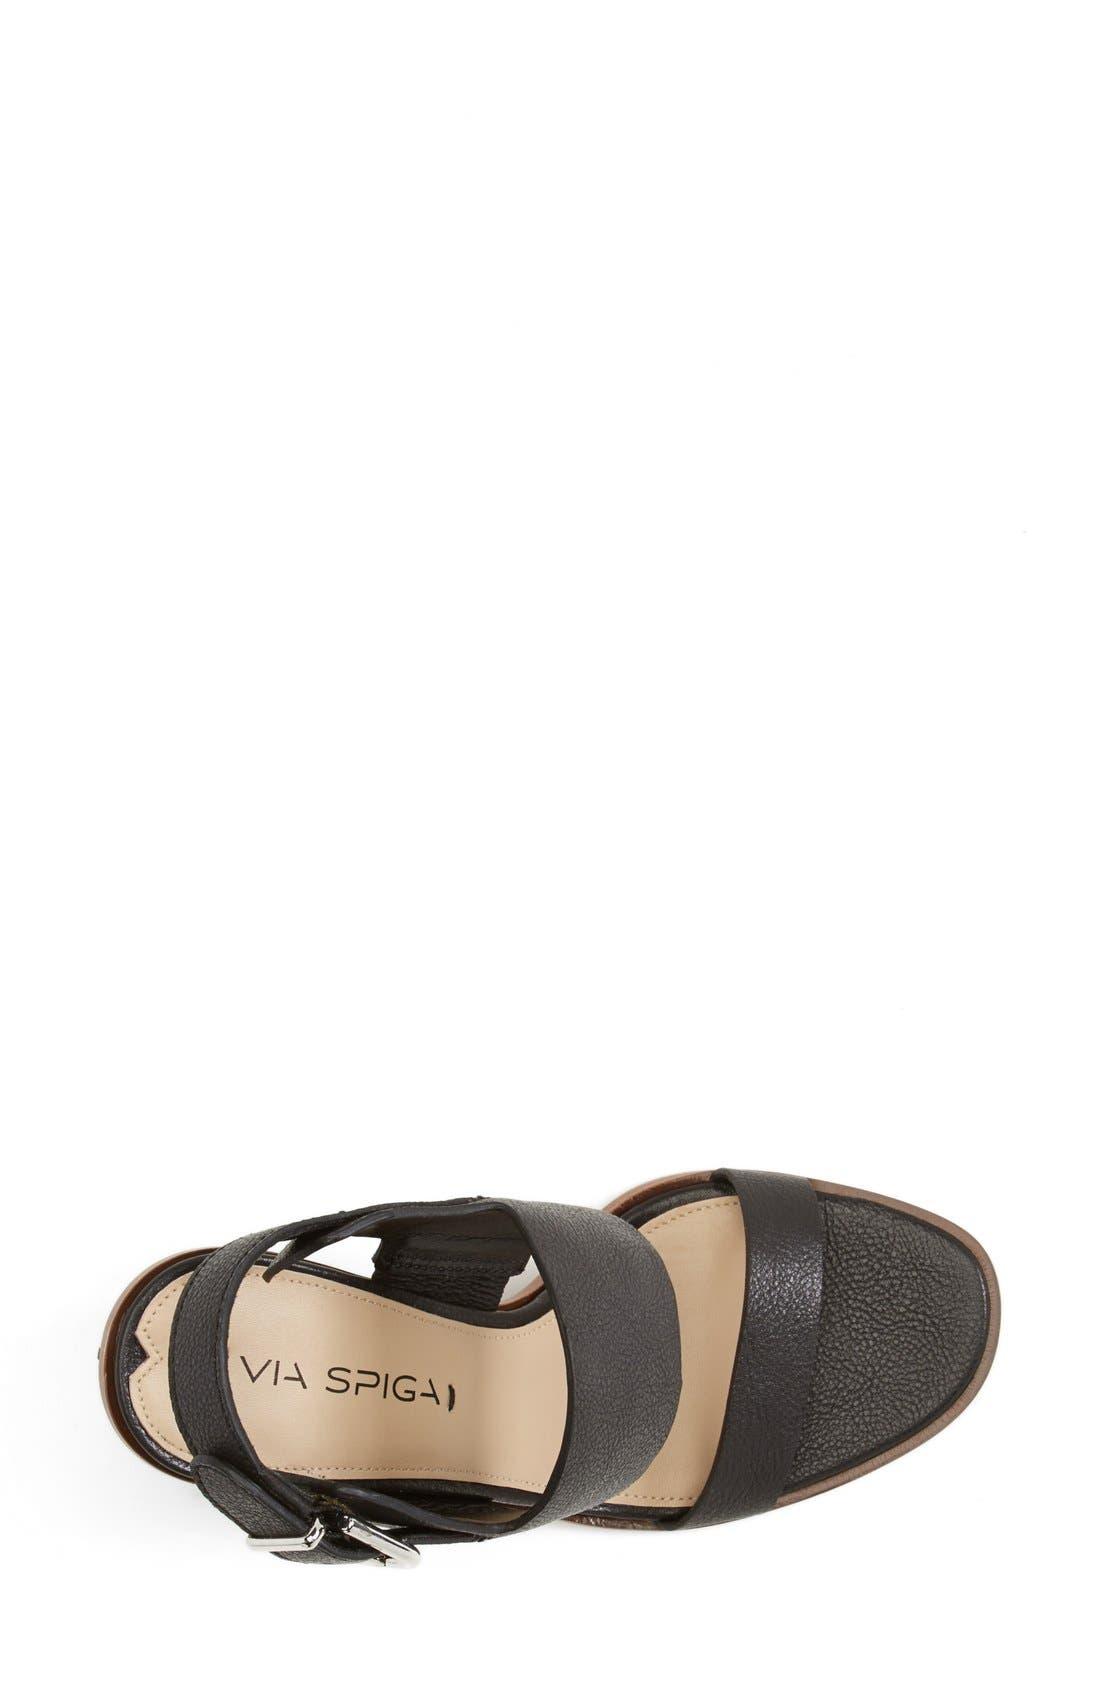 VIA SPIGA,                             'Baris' Leather Slingback Sandal,                             Alternate thumbnail 4, color,                             001